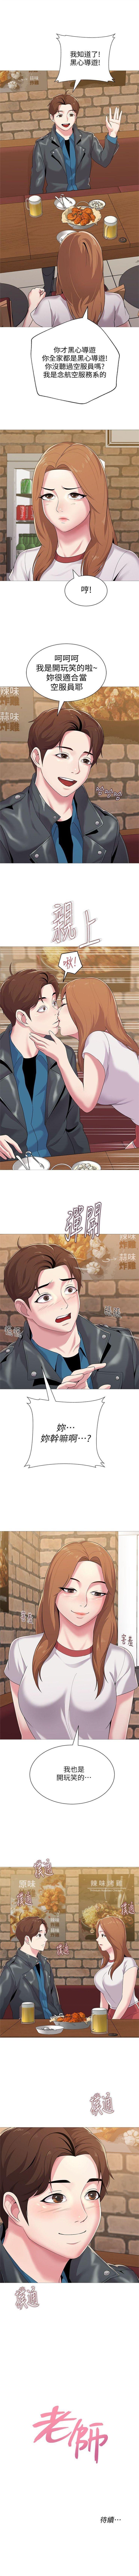 老師 1-80 官方中文(連載中) 174